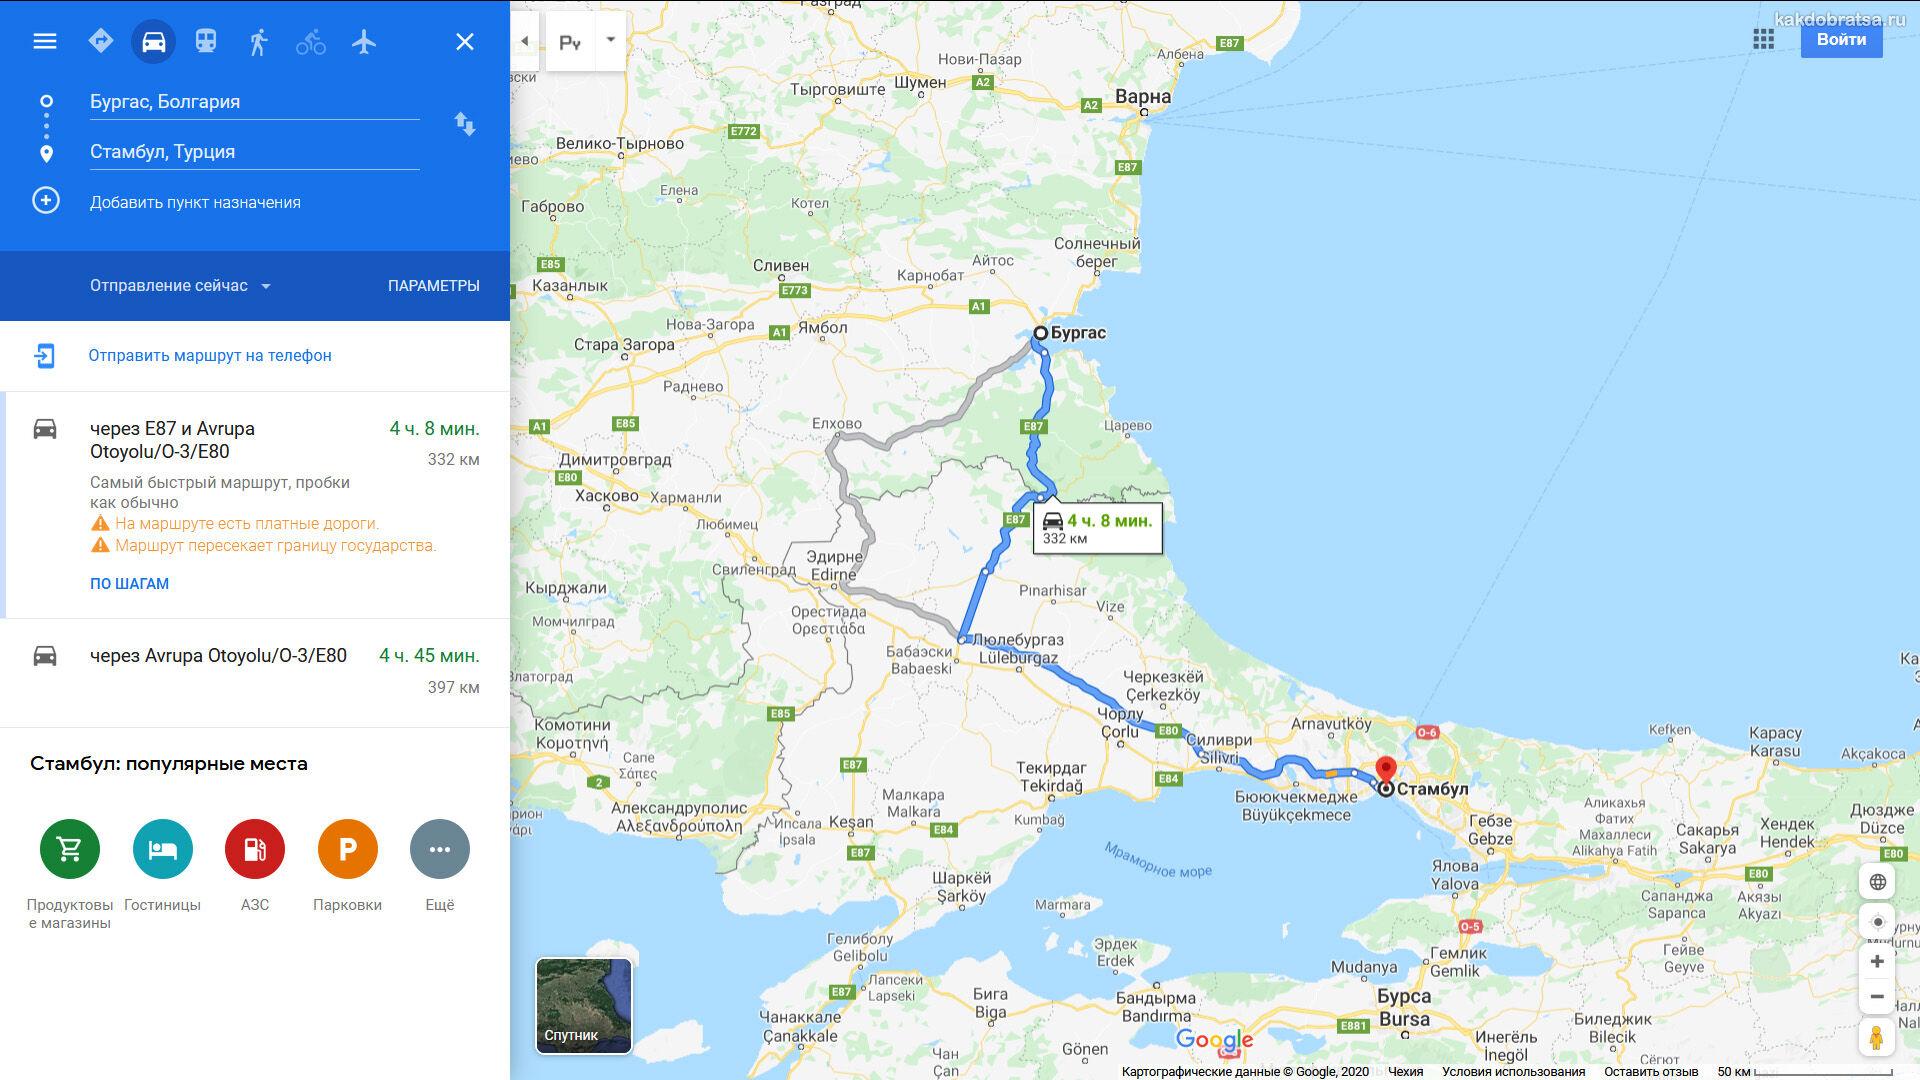 Бургаса Стамбул карта и время в пути